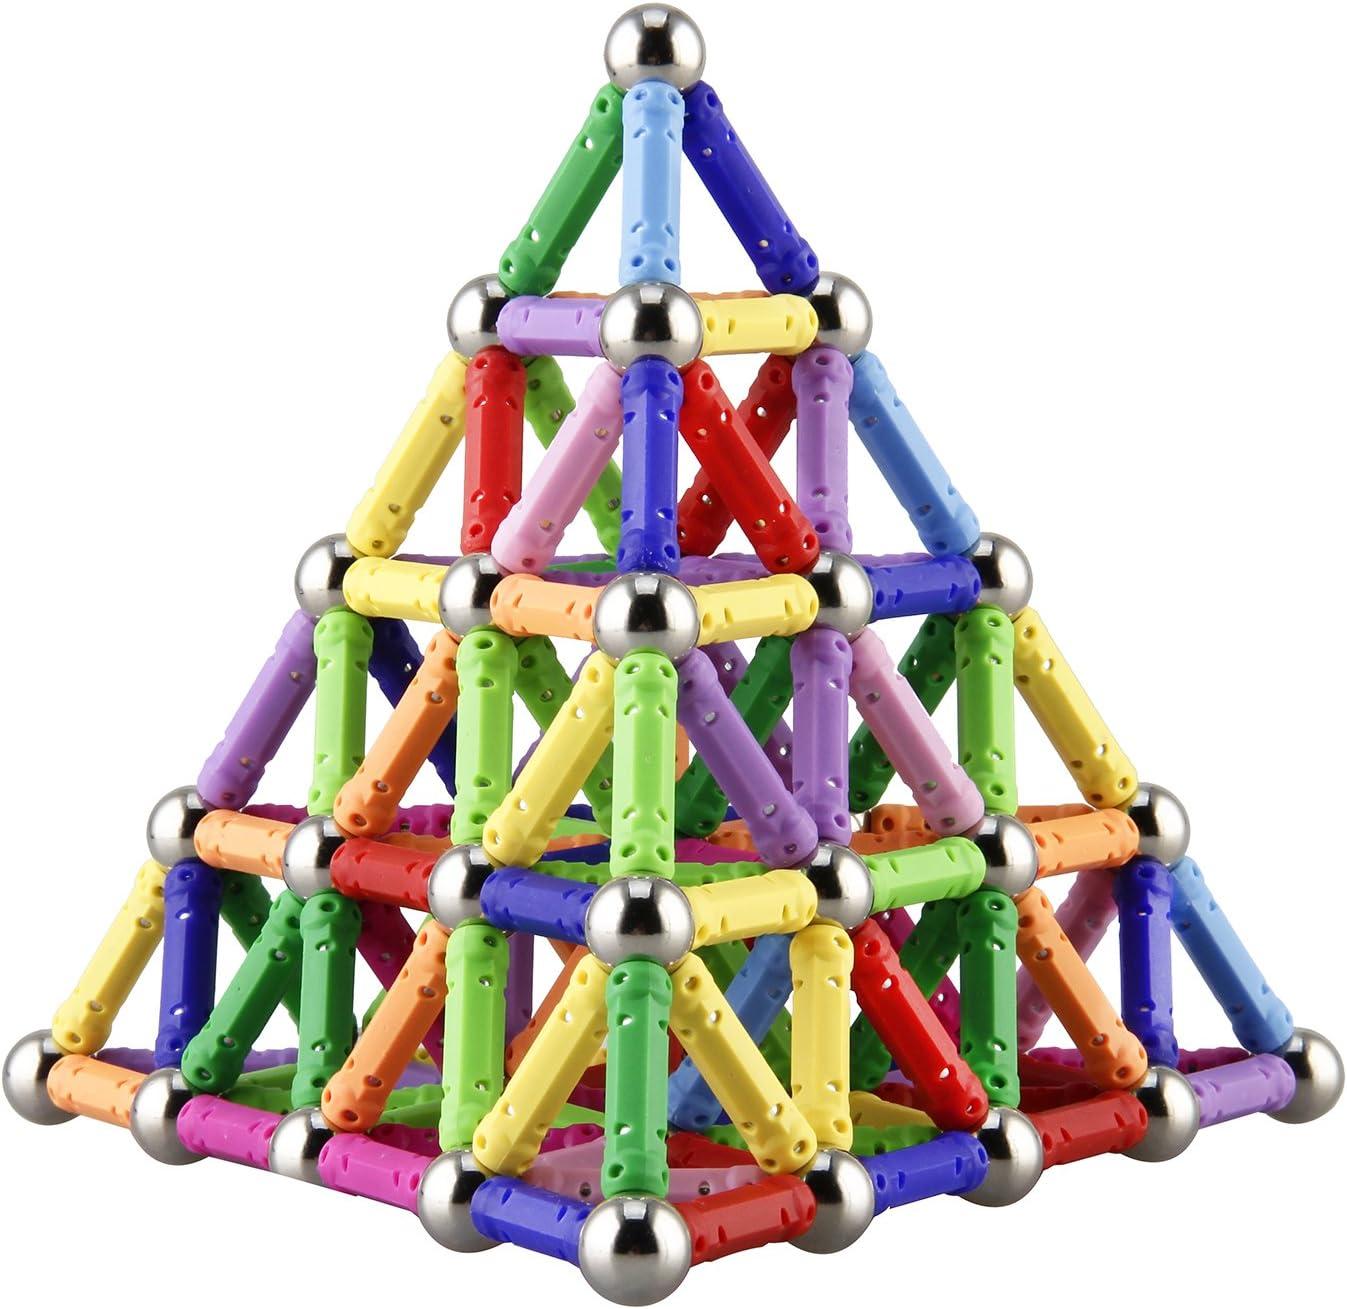 ELONGDI 130 Pieces - Magnetic Time sale Se OFFicial store Sticks Building Blocks